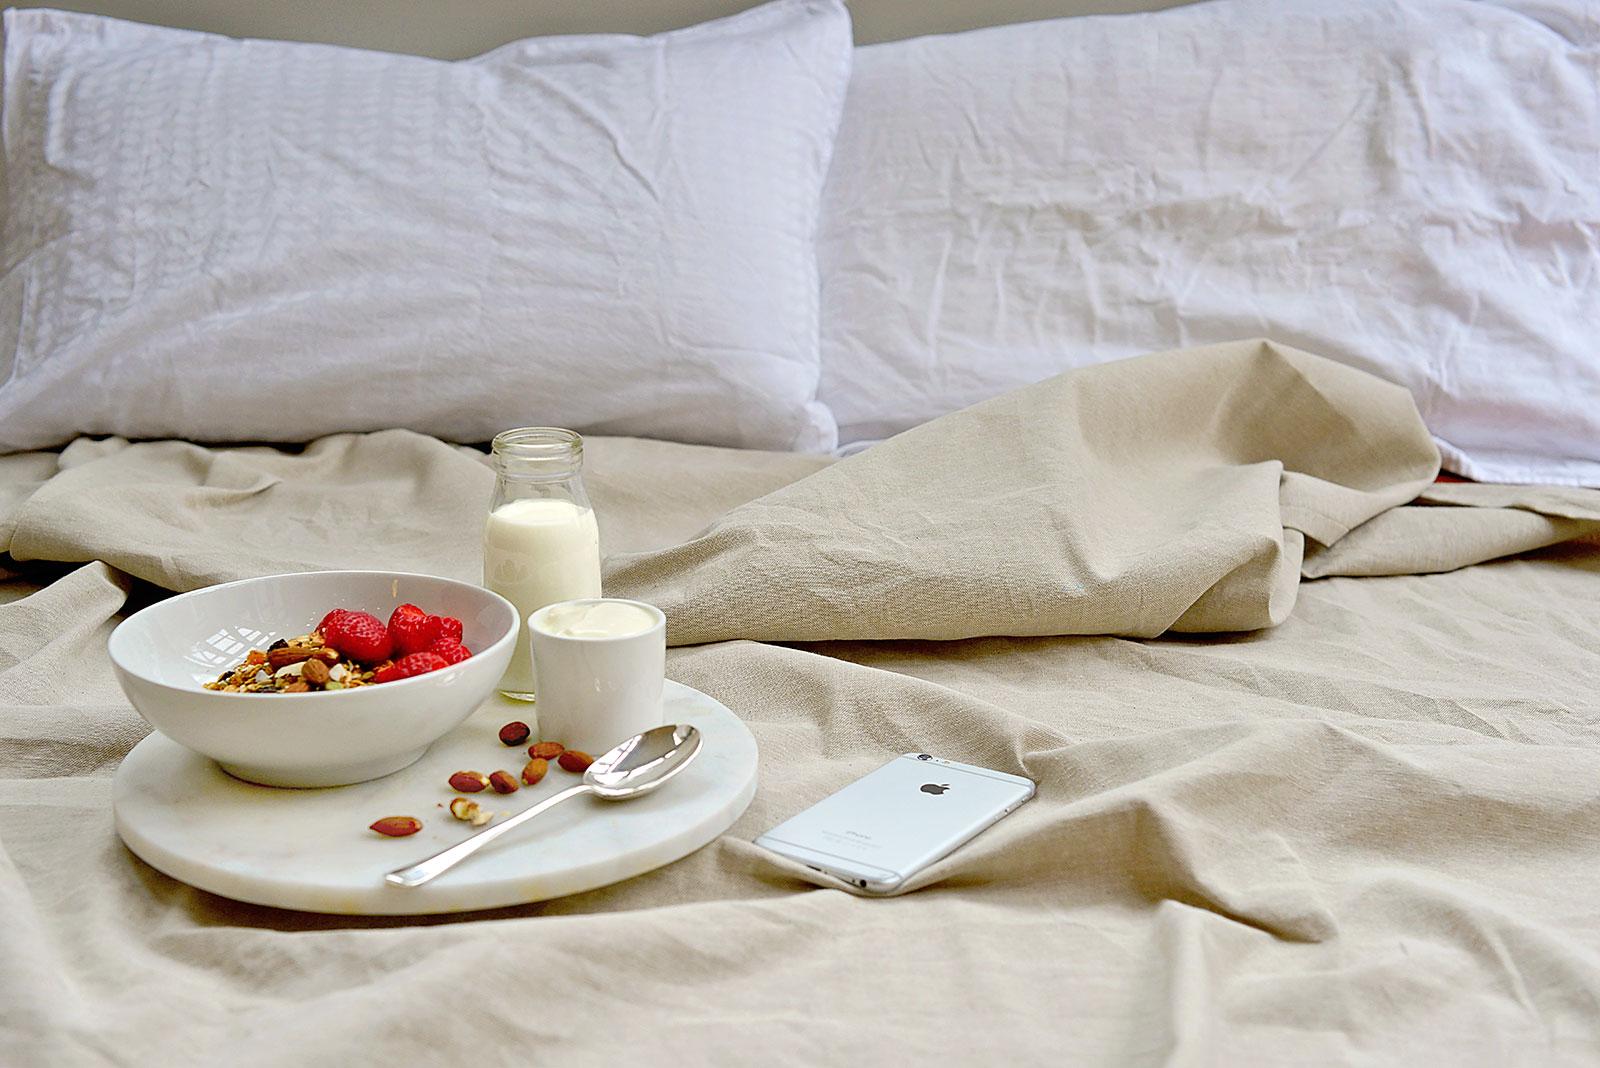 Homepage_Section 5_Breakfast in Bed.jpg